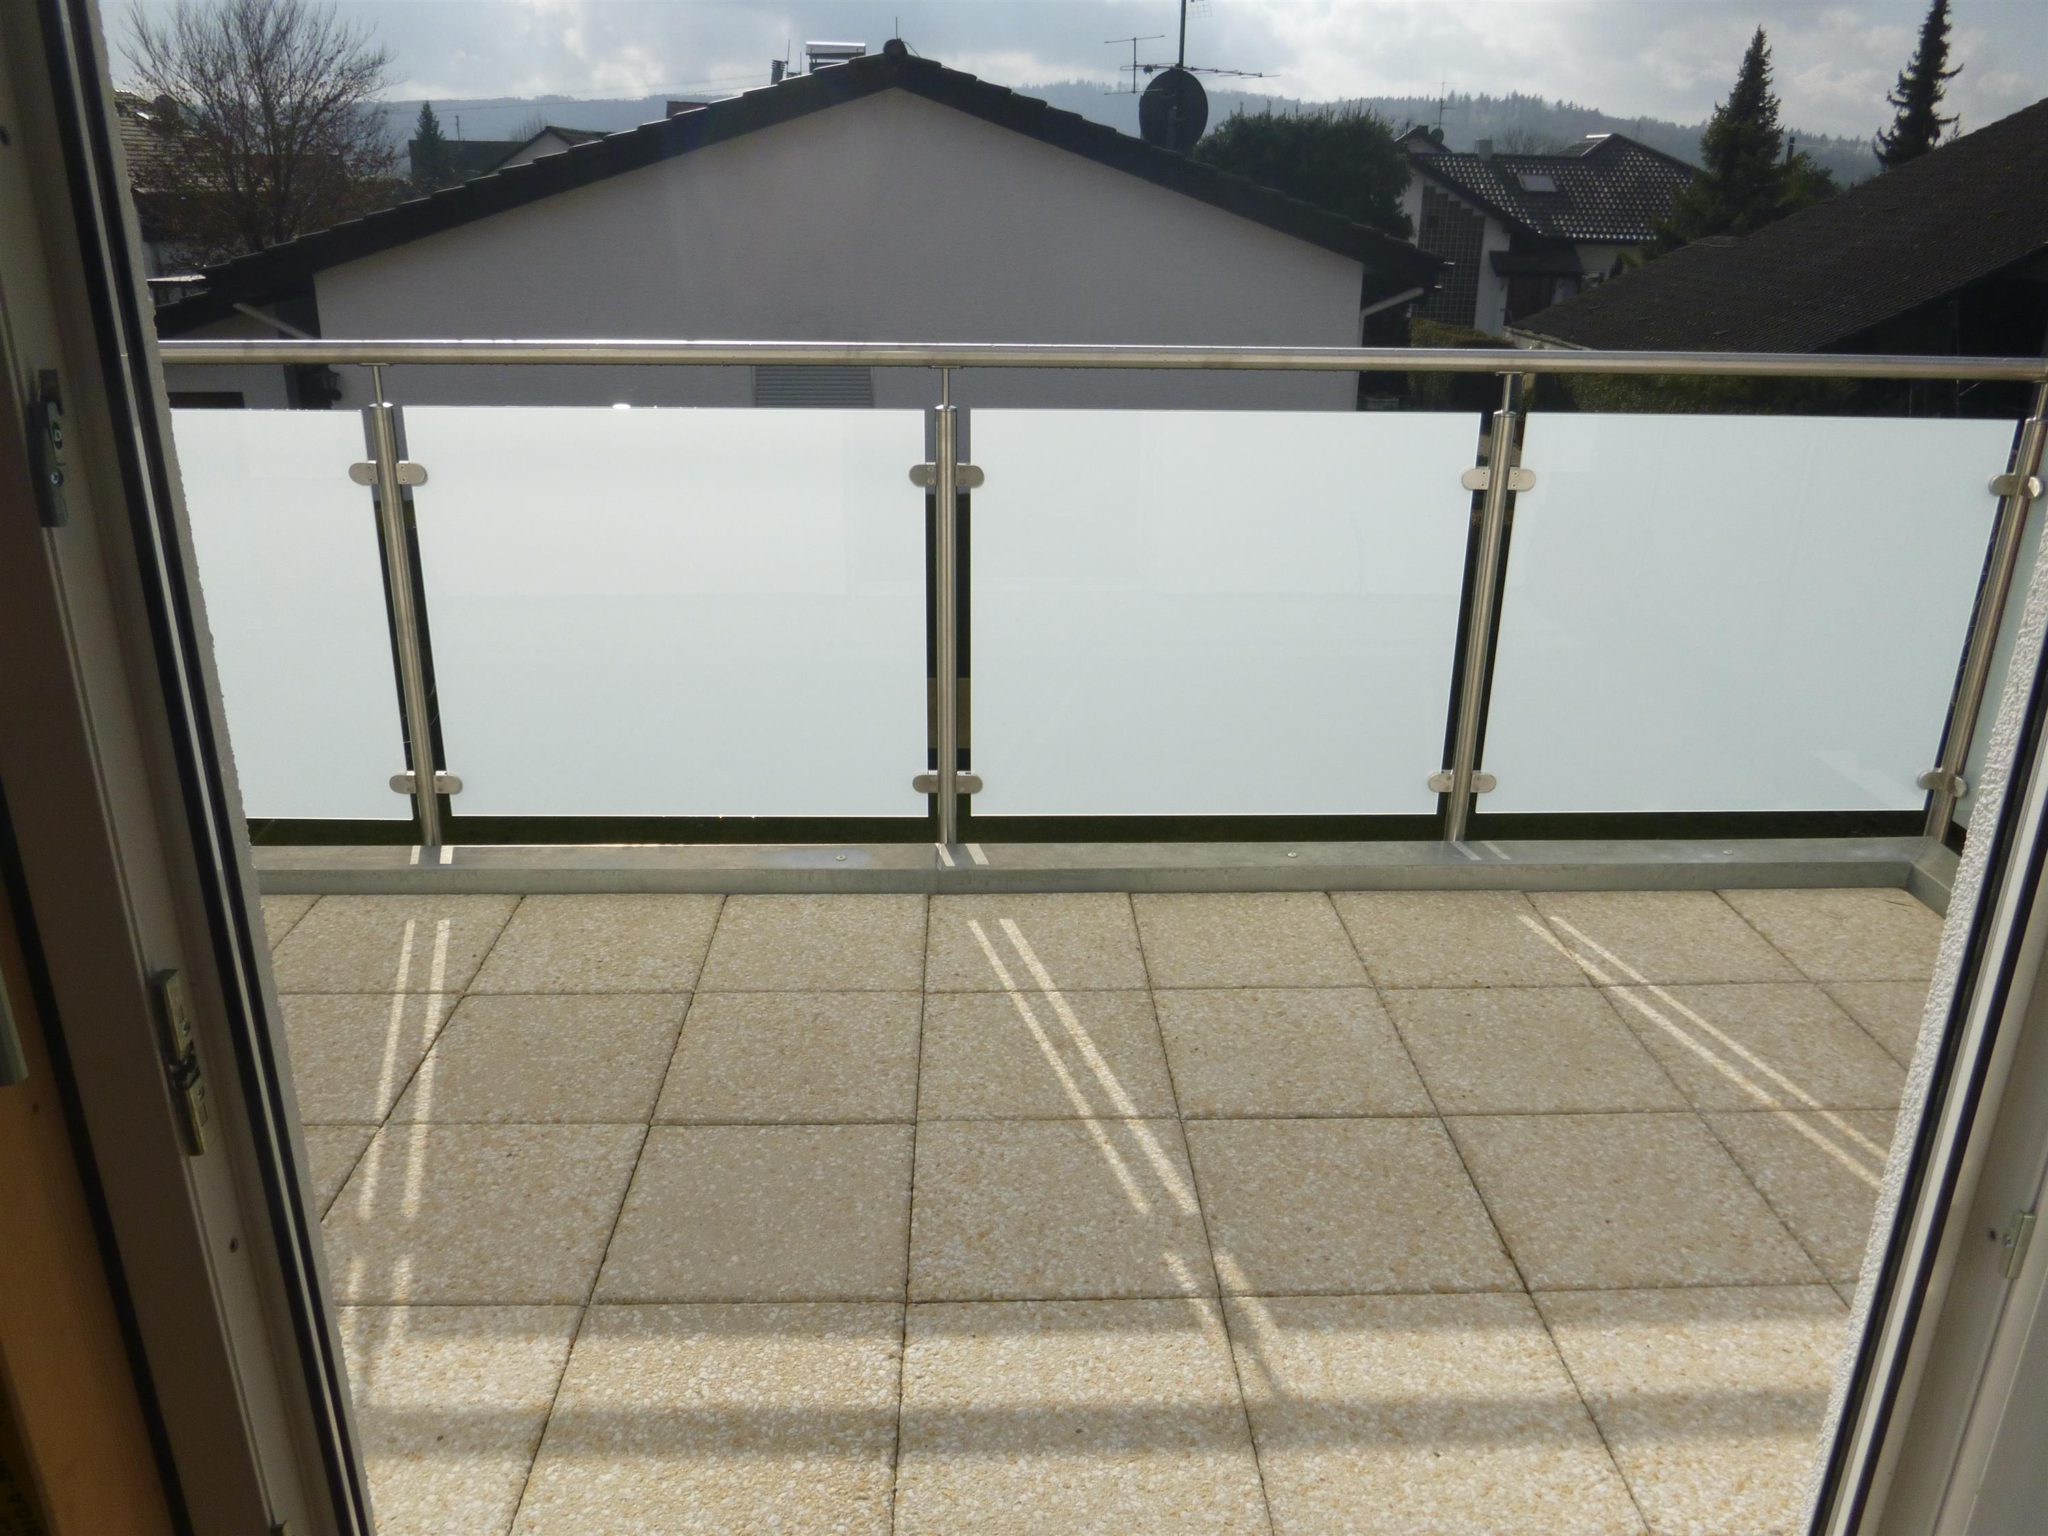 garde corps pour balcon obtenez un devis gratuit maisondugarde. Black Bedroom Furniture Sets. Home Design Ideas